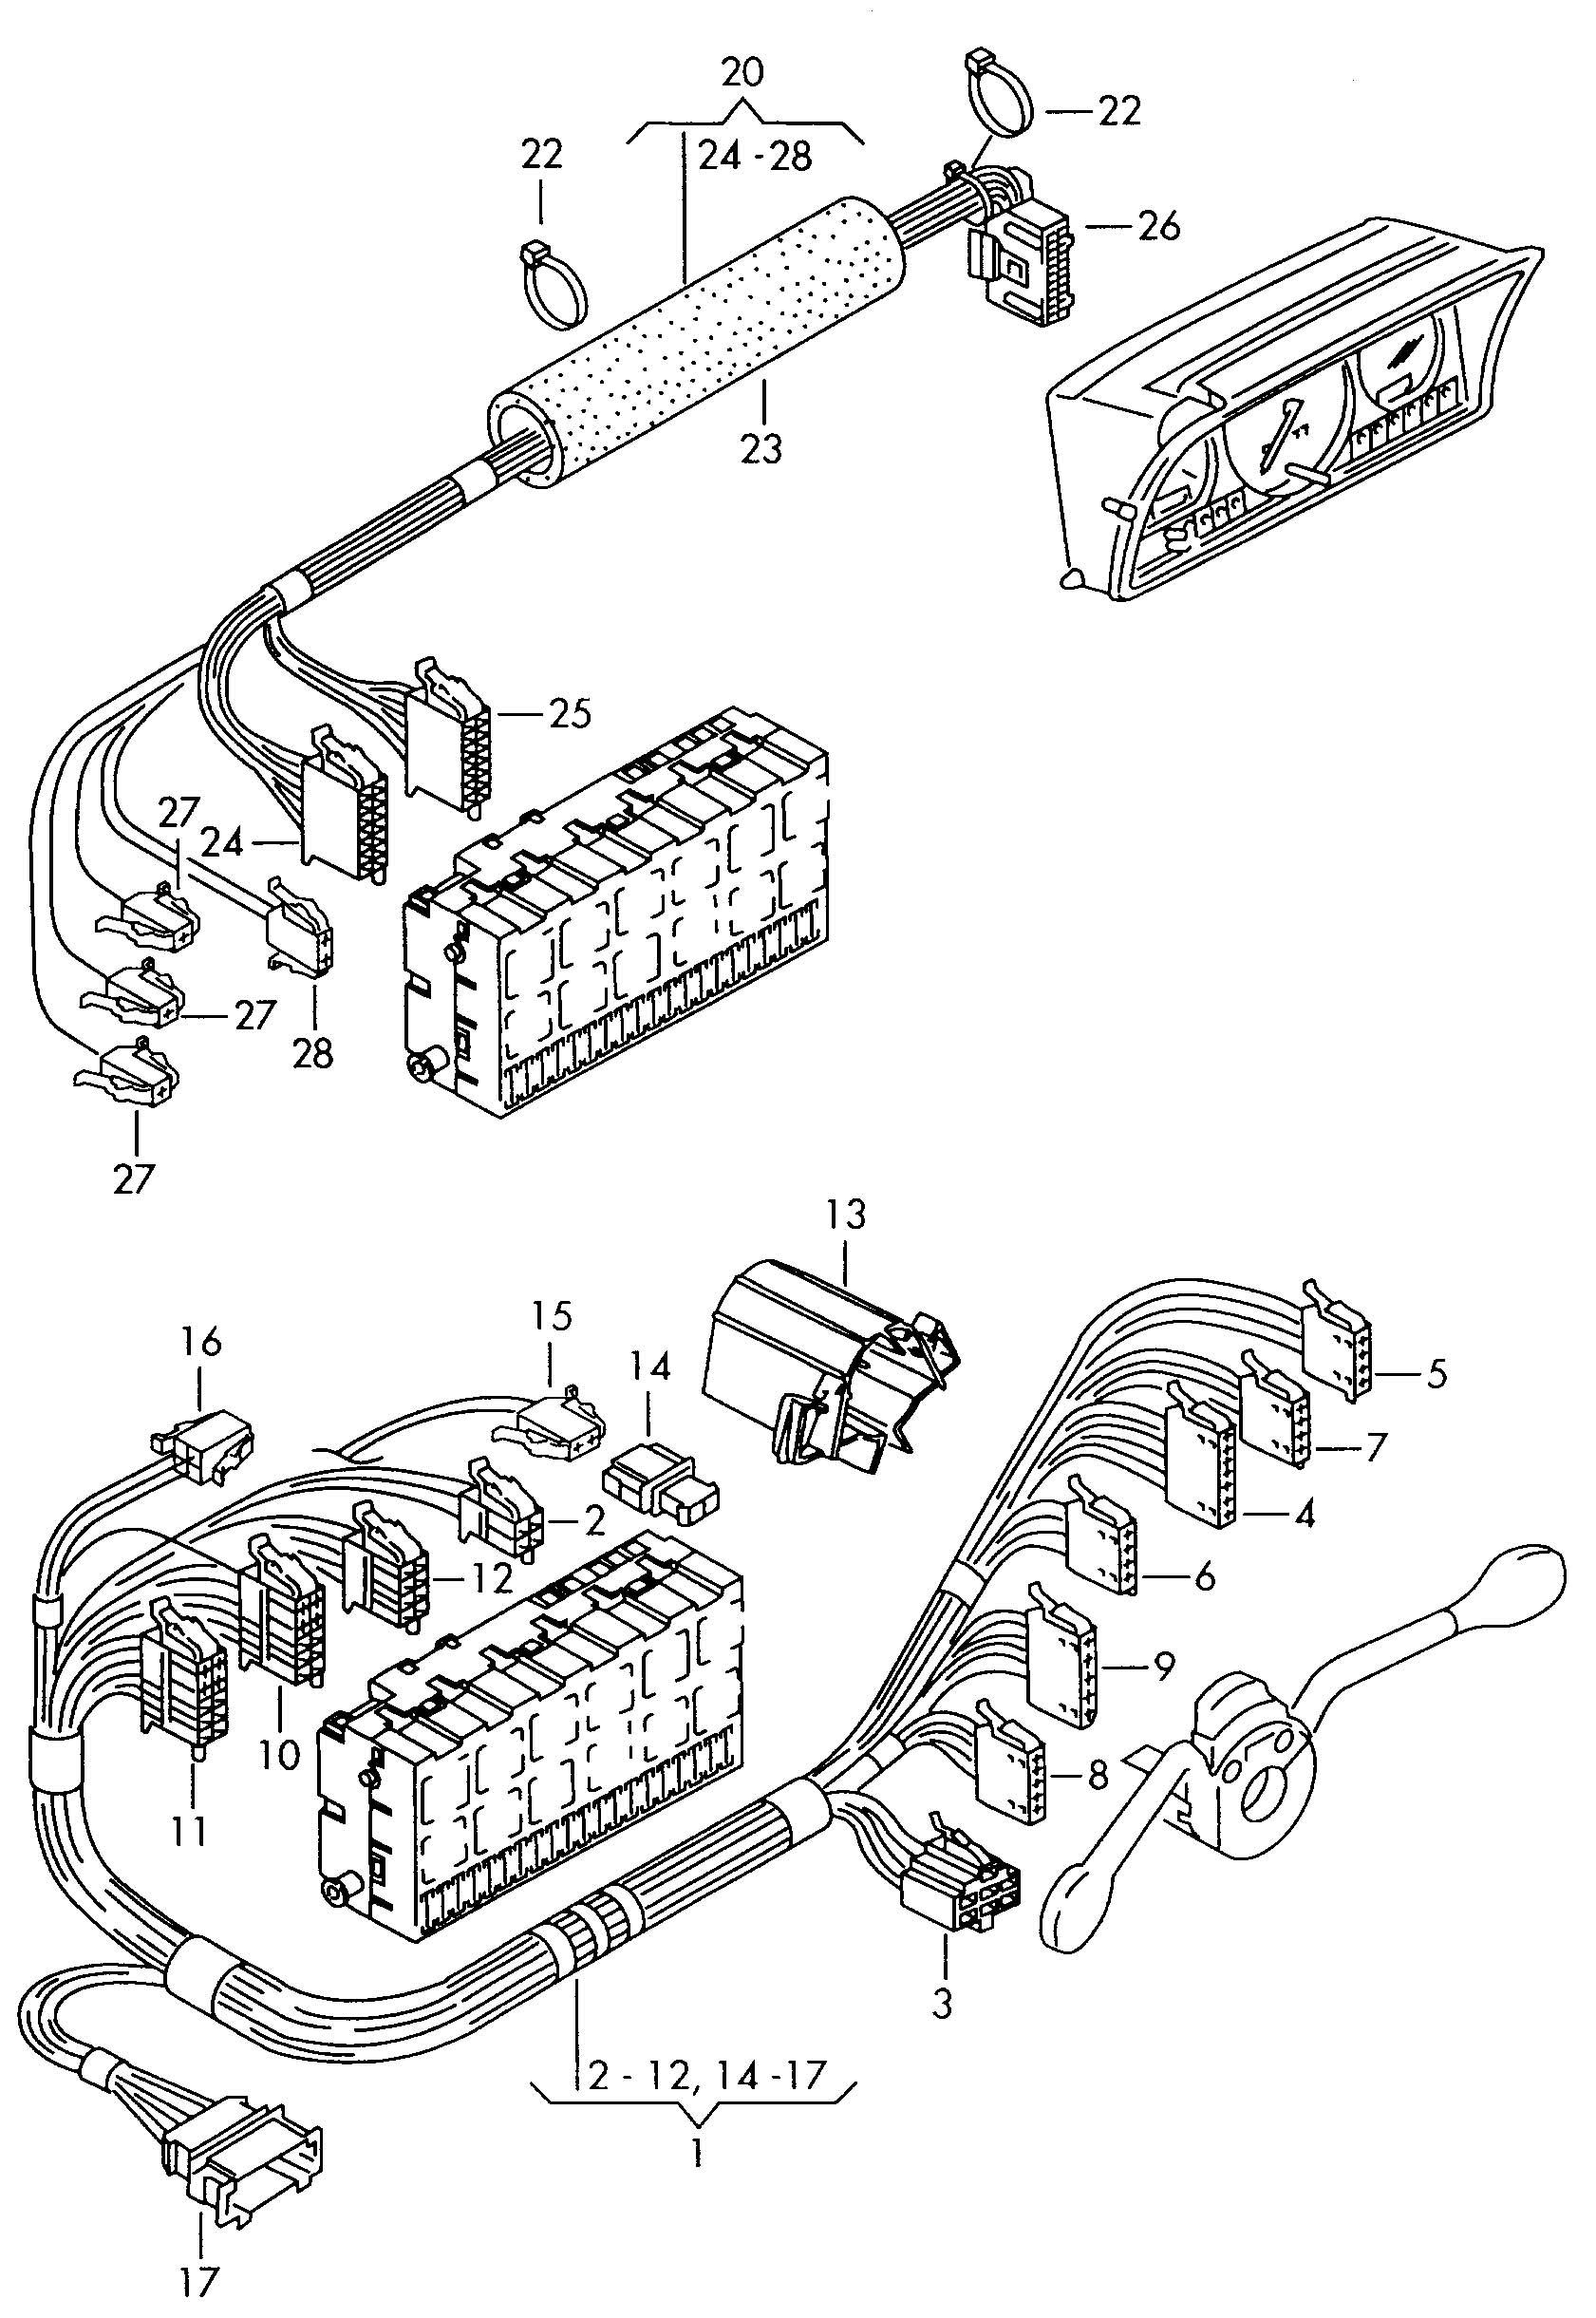 Volkswagen Passat Felt Strip Adhesivel Order Qty 25